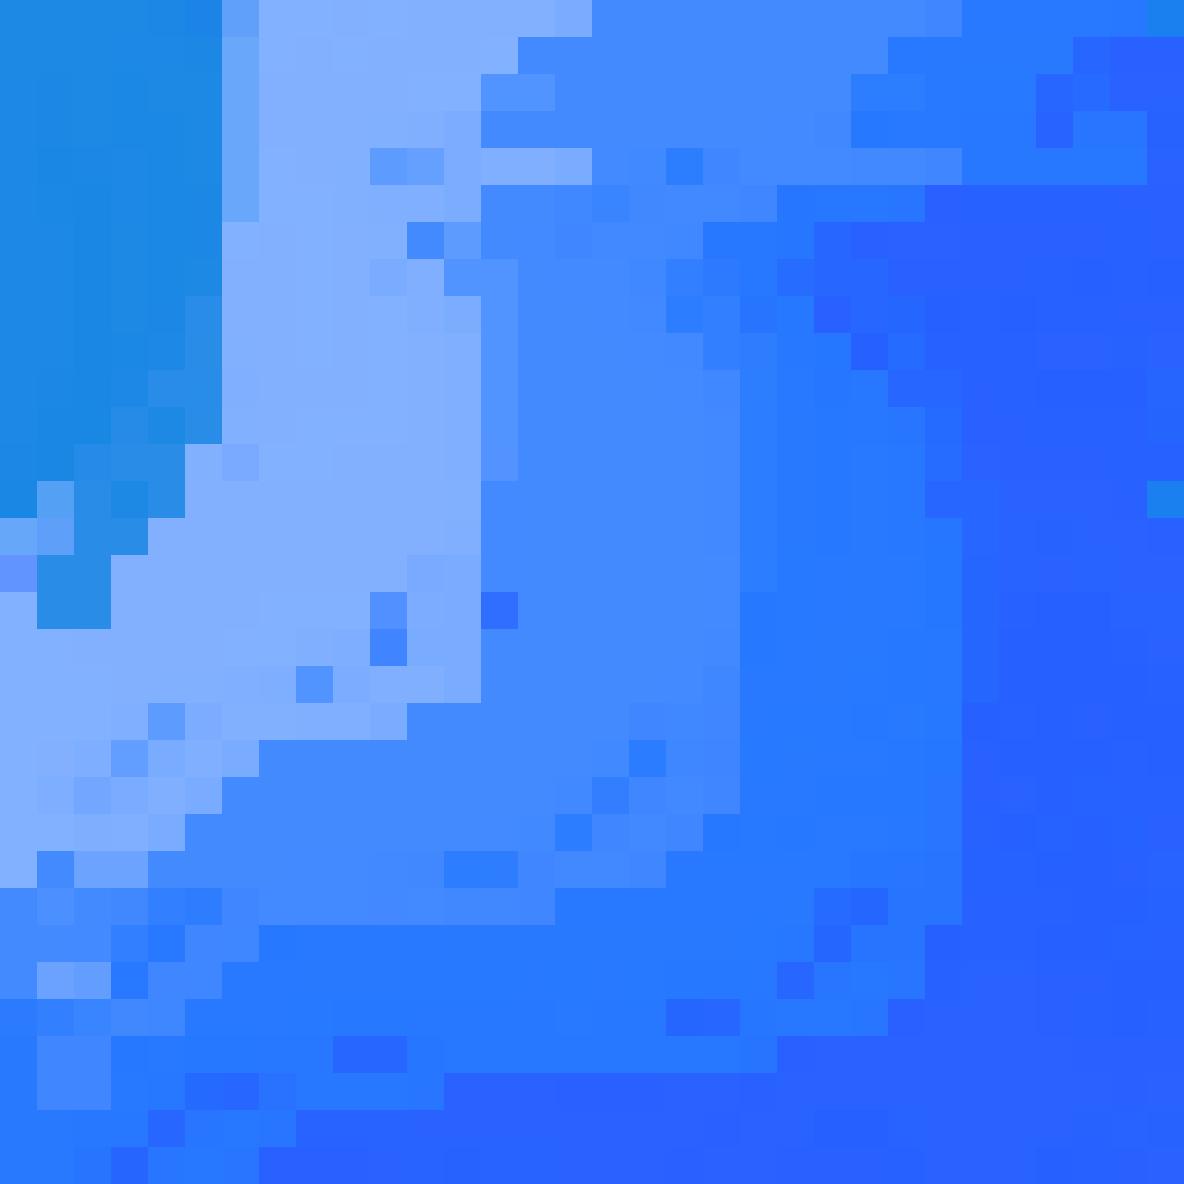 BLUE by NyanOmegaWolf